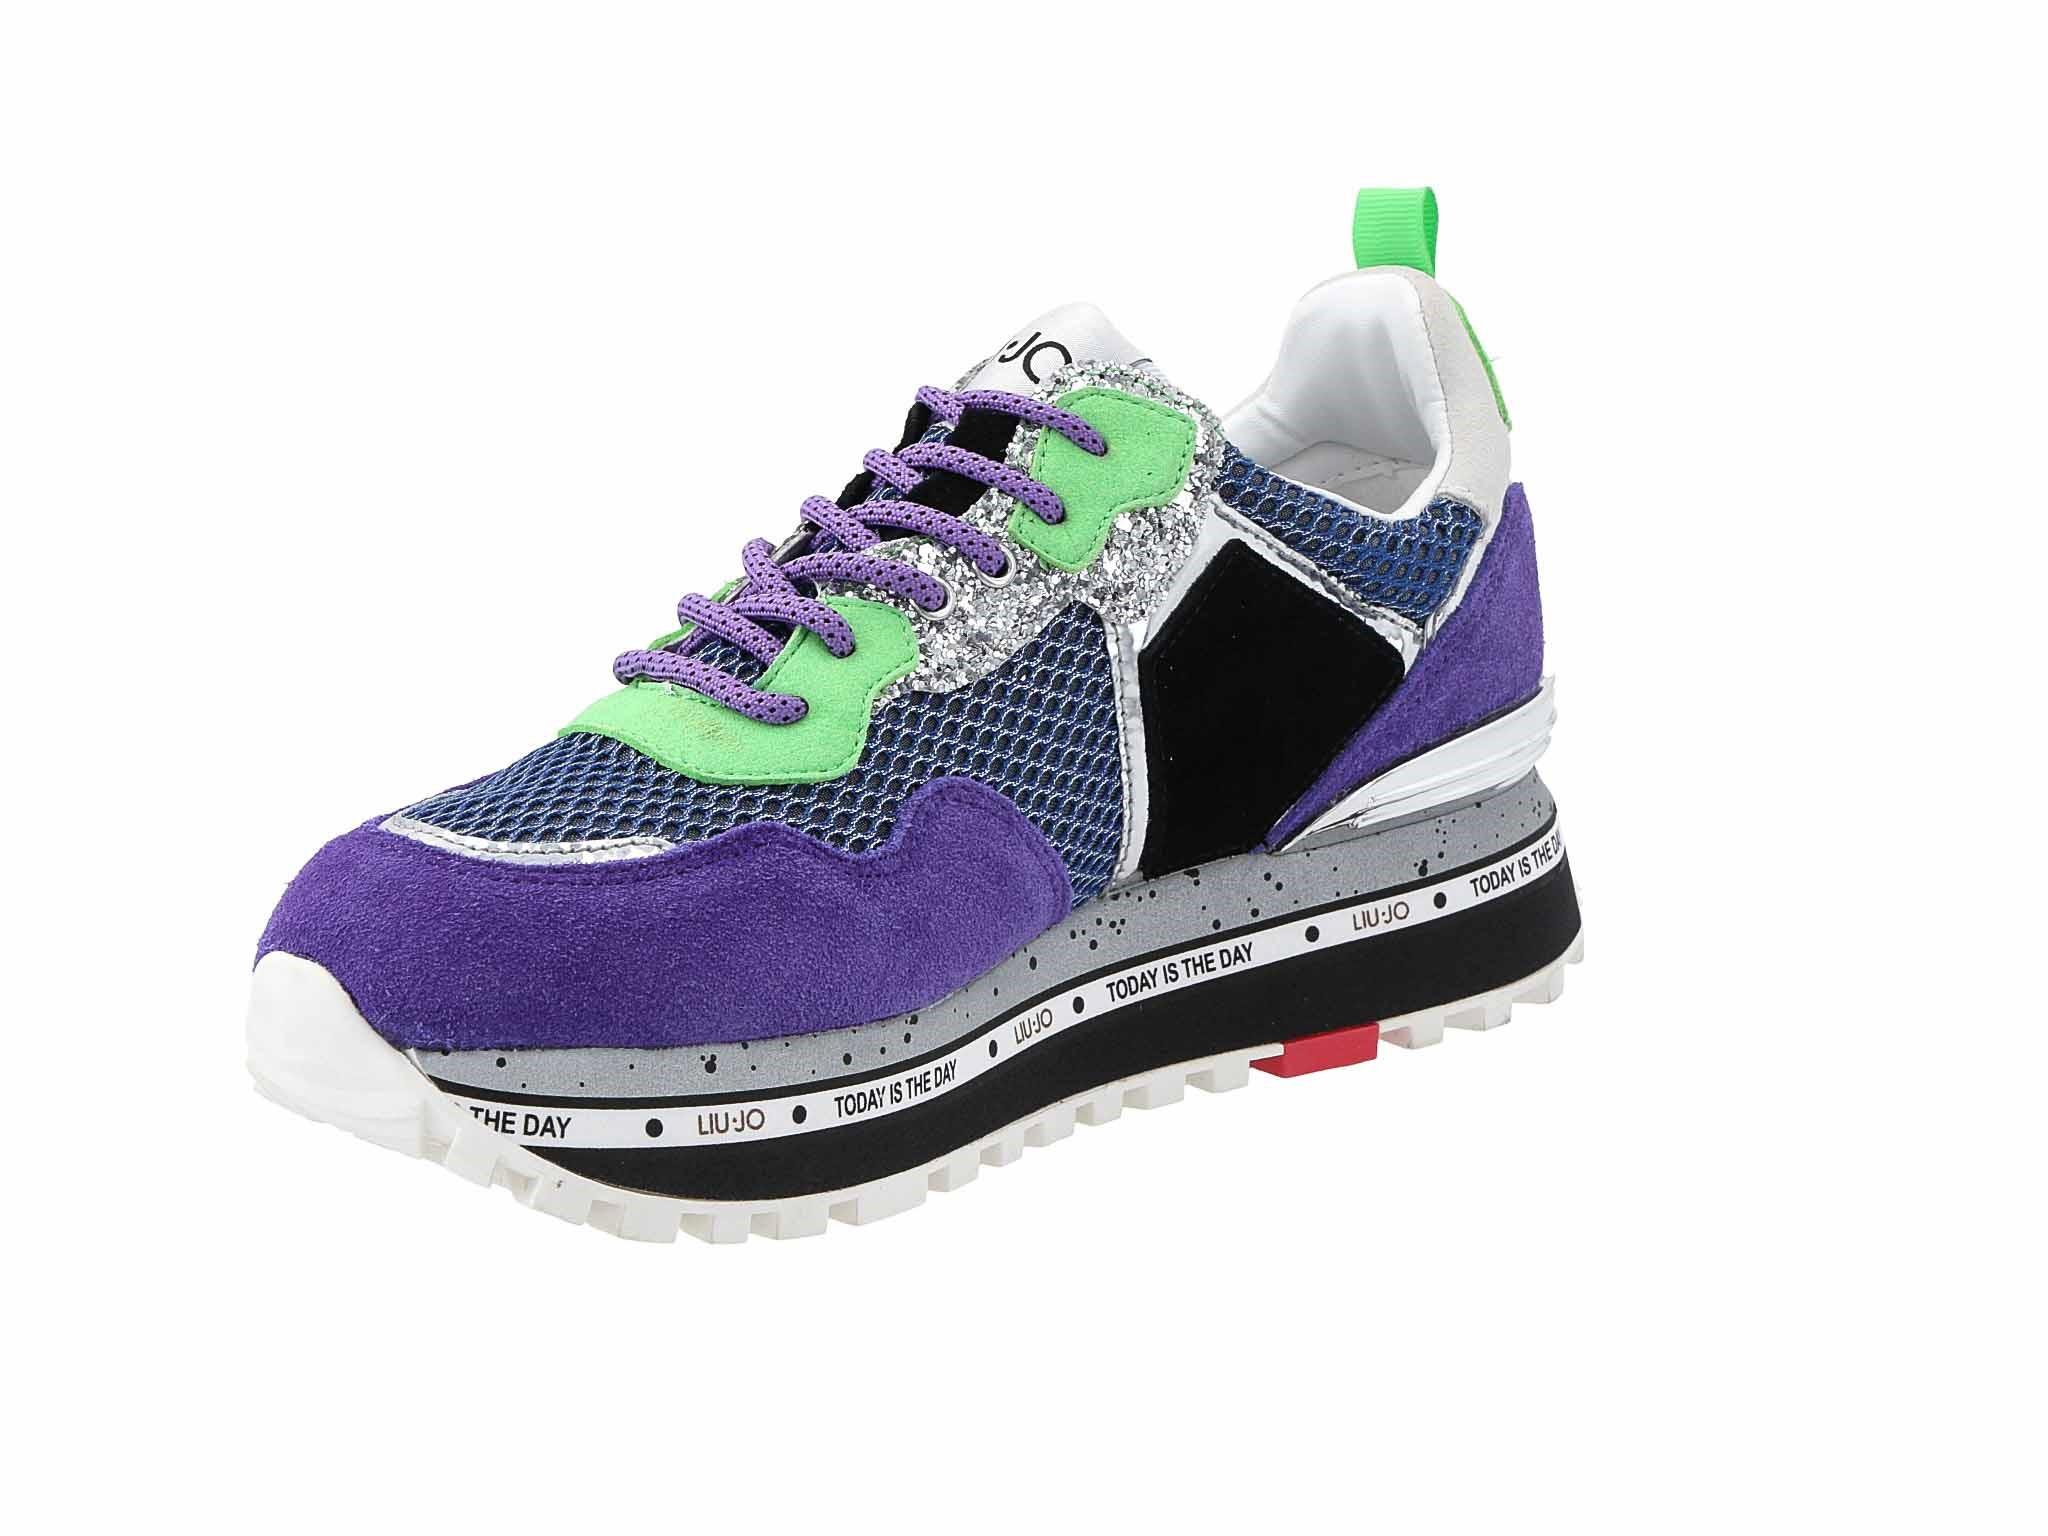 Sneakersy LIU JO Maxi Alexa Running BXX051 PX071 Purple S1202 Półbuty damskie fioletowe w eobuwie.pl